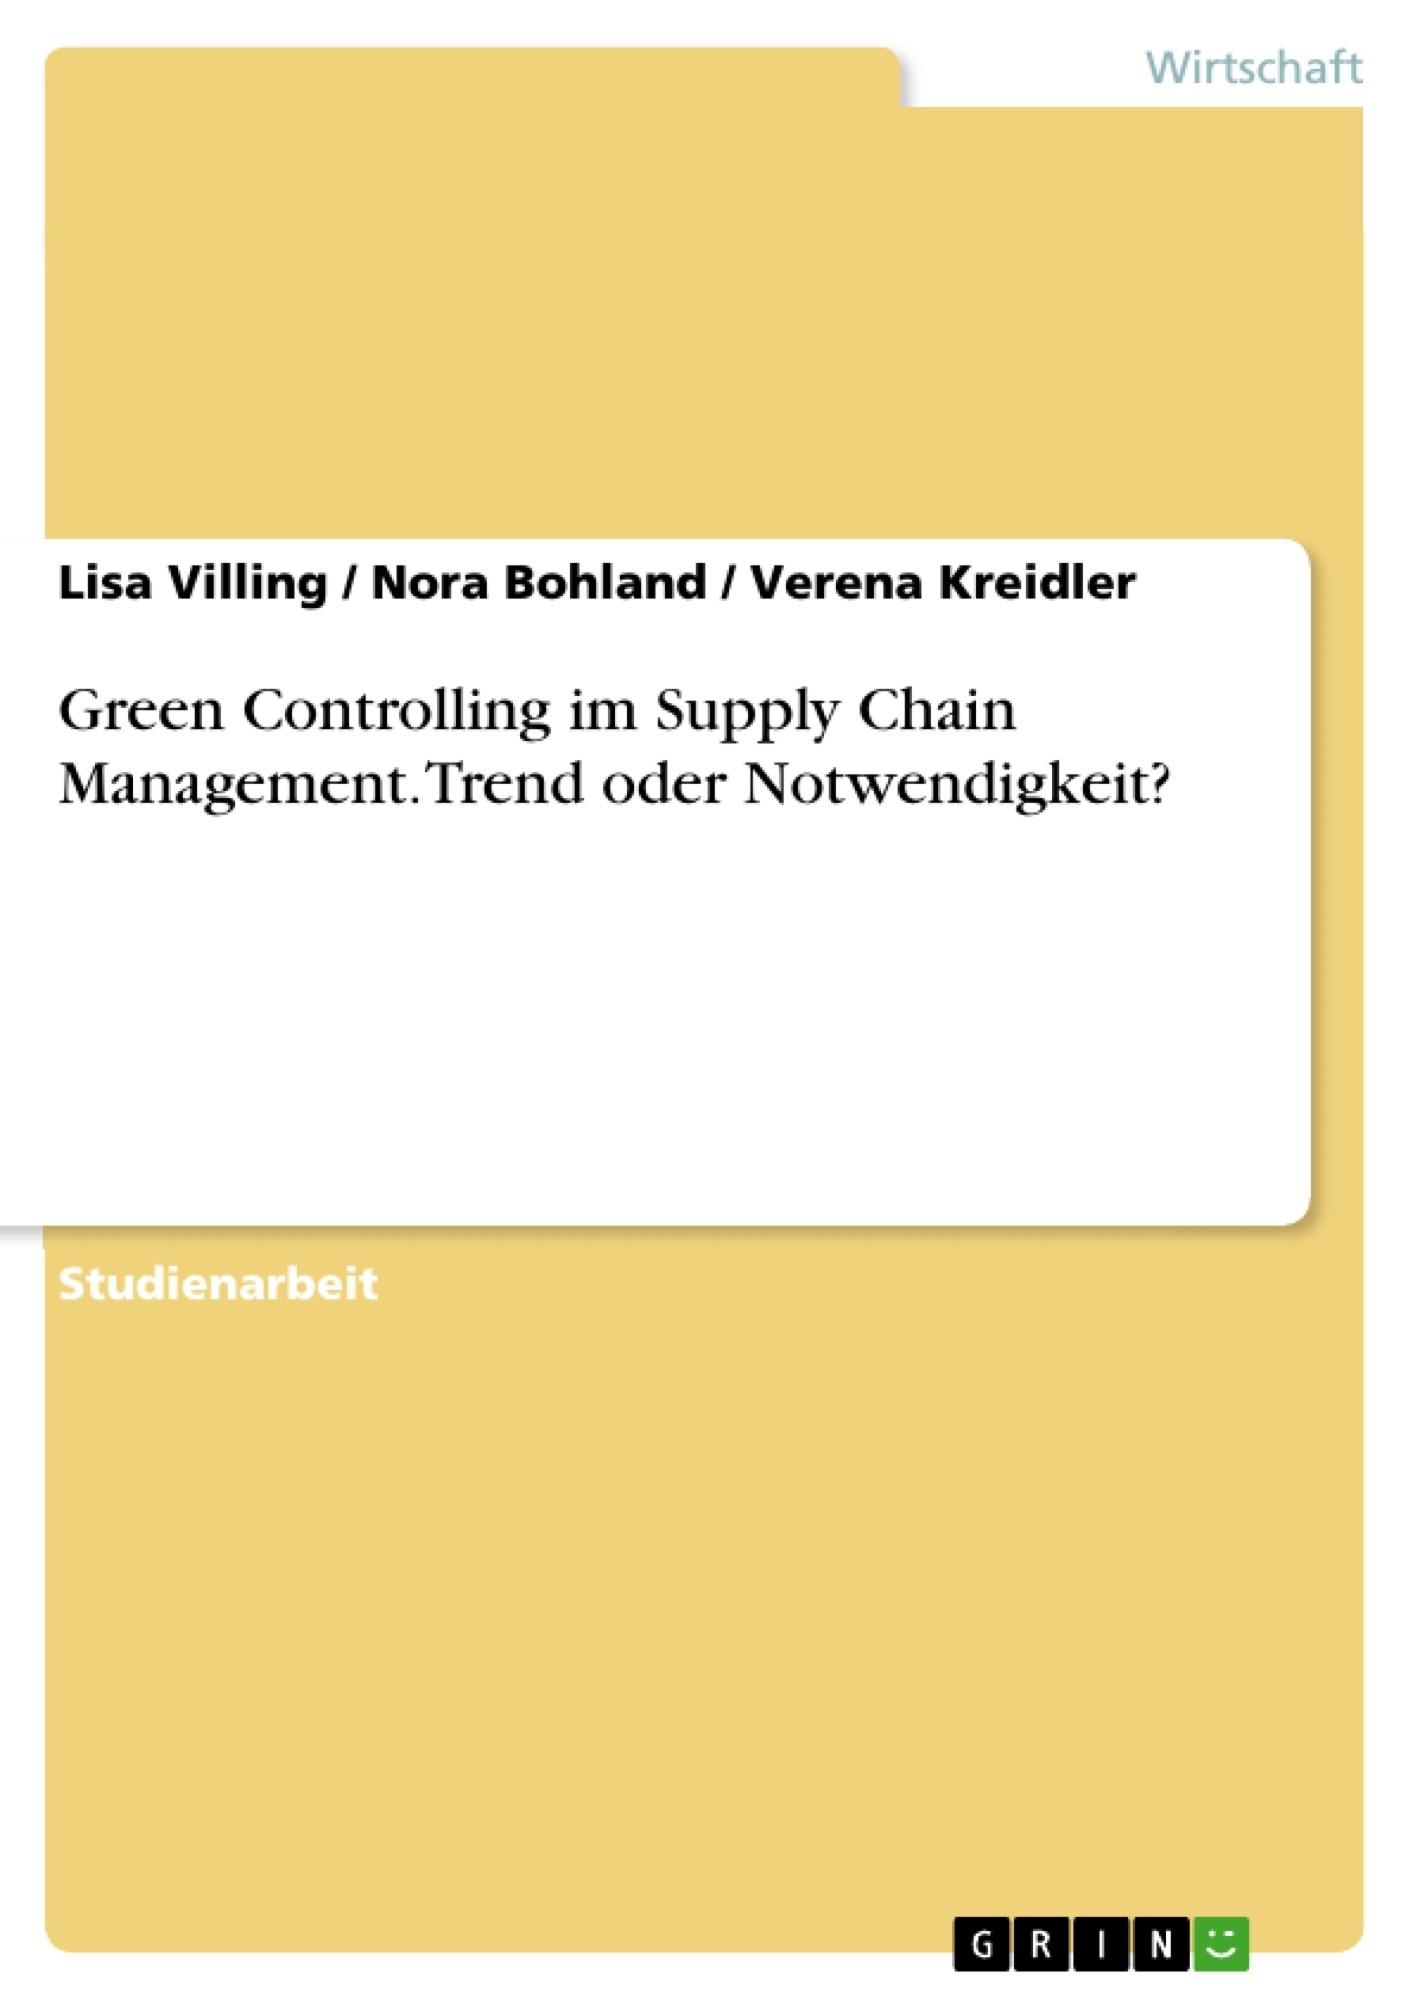 Titel: Green Controlling im Supply Chain Management. Trend oder Notwendigkeit?